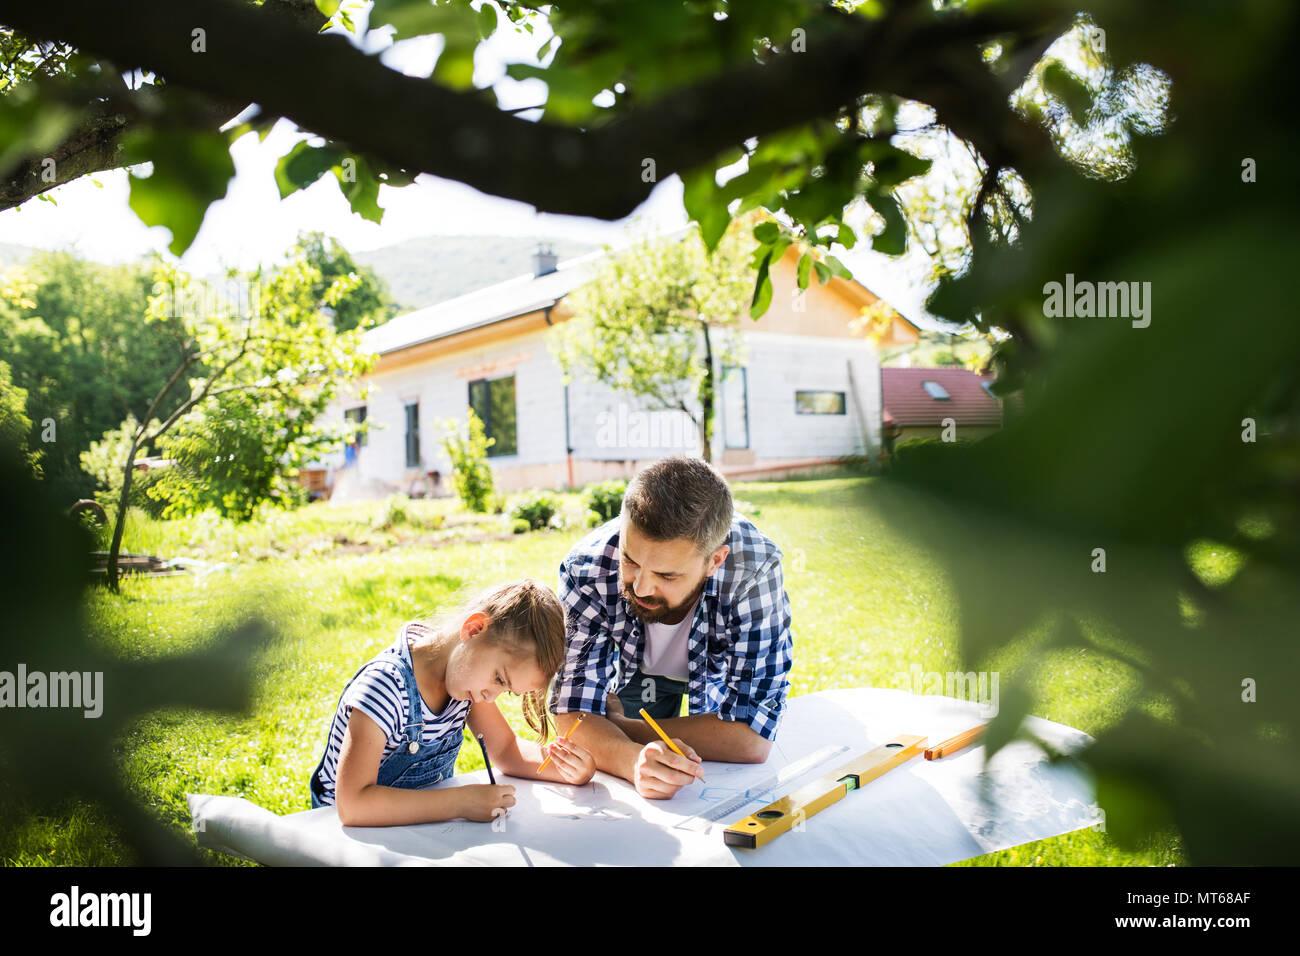 Père d'une petite fille à l'extérieur, la planification wooden birdhouse. Photo Stock